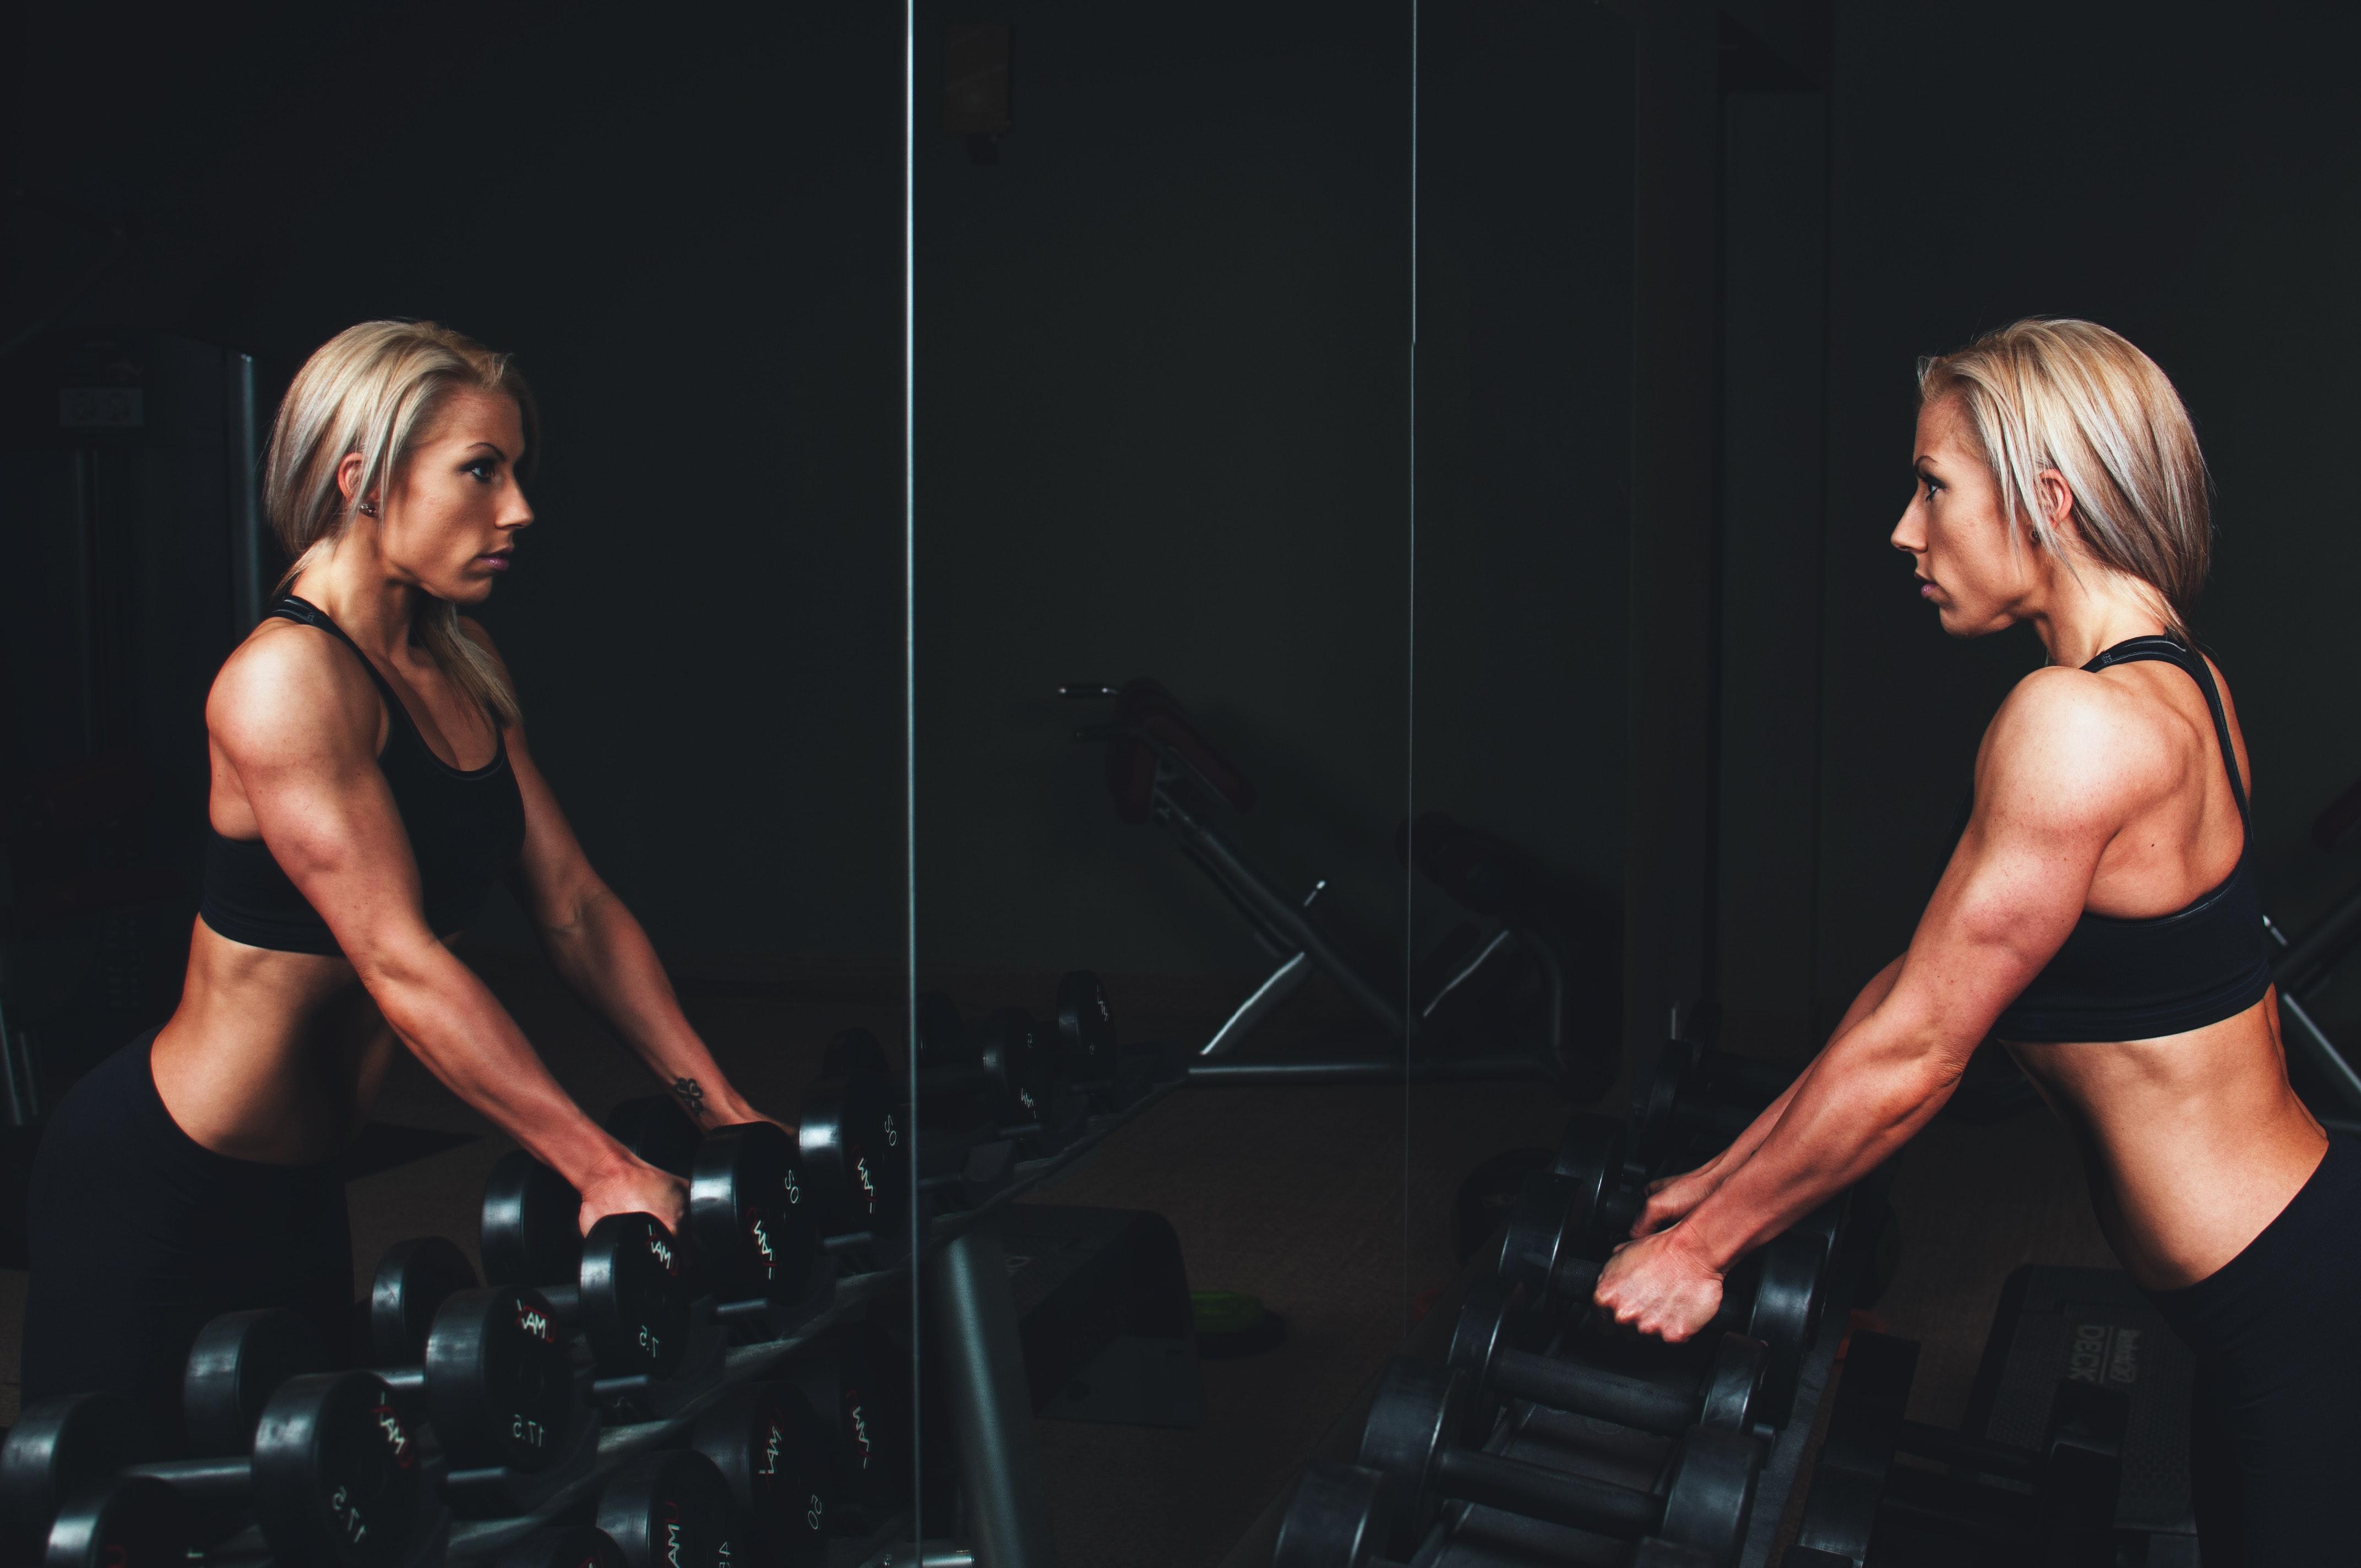 athlete-biceps-blonde-136410